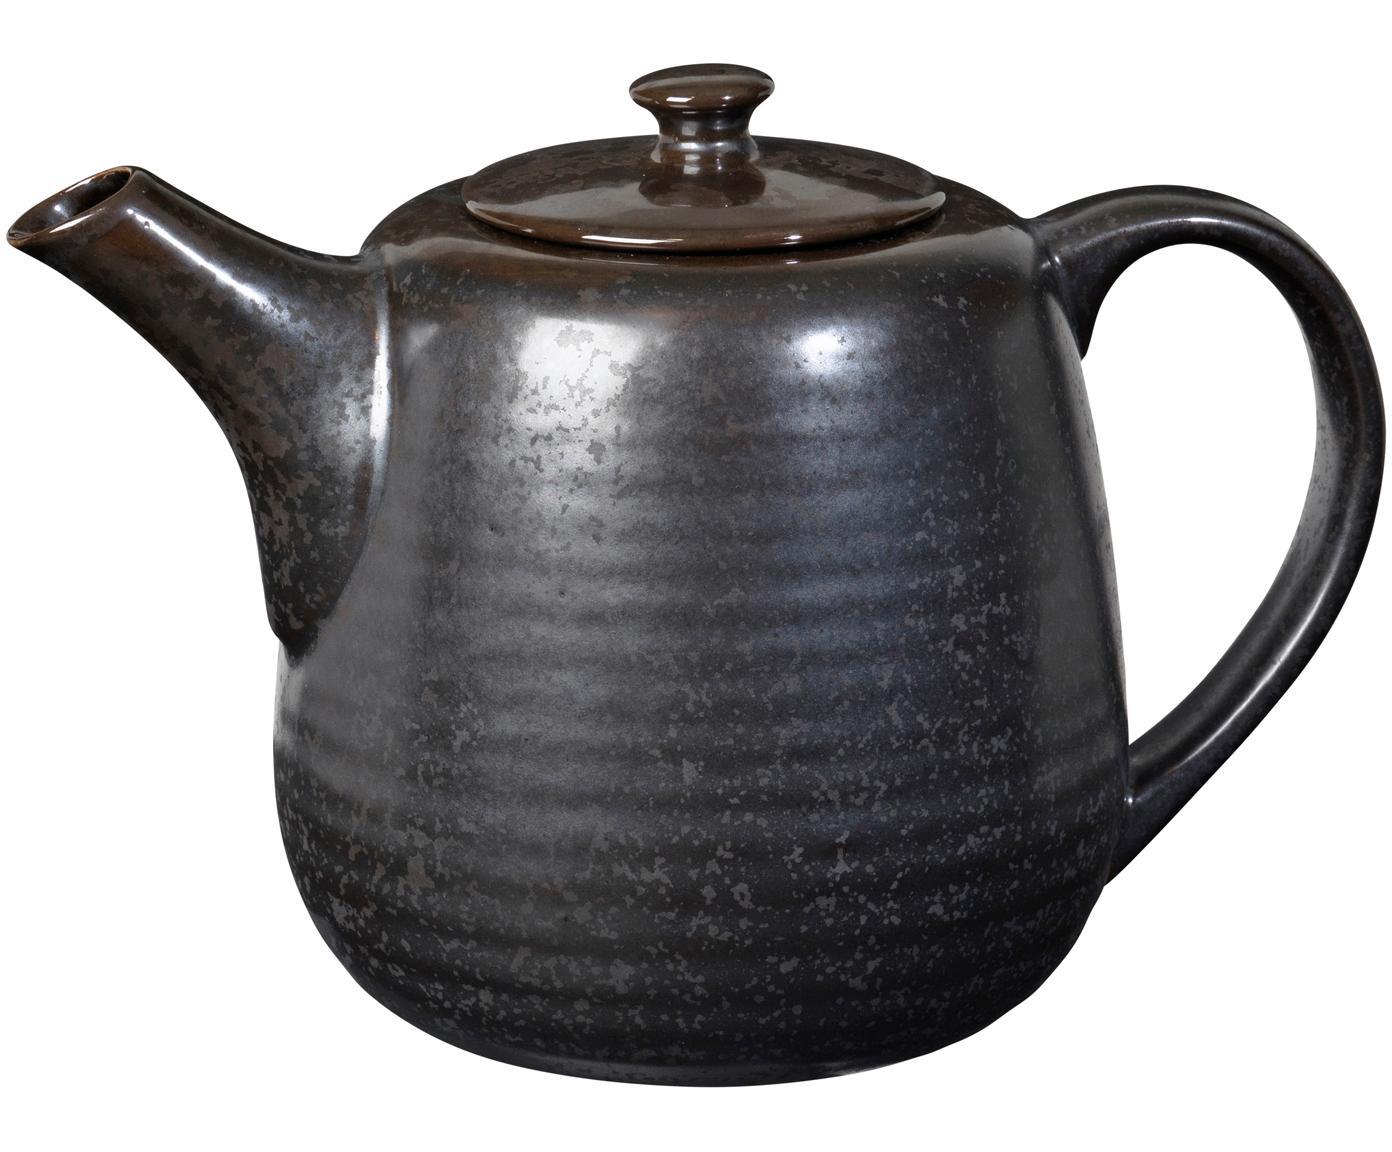 Handgemachte Teekanne Esrum Night, Steingut, glasiert, Graubraun, matt silbrig schimmernd, 1.3 L